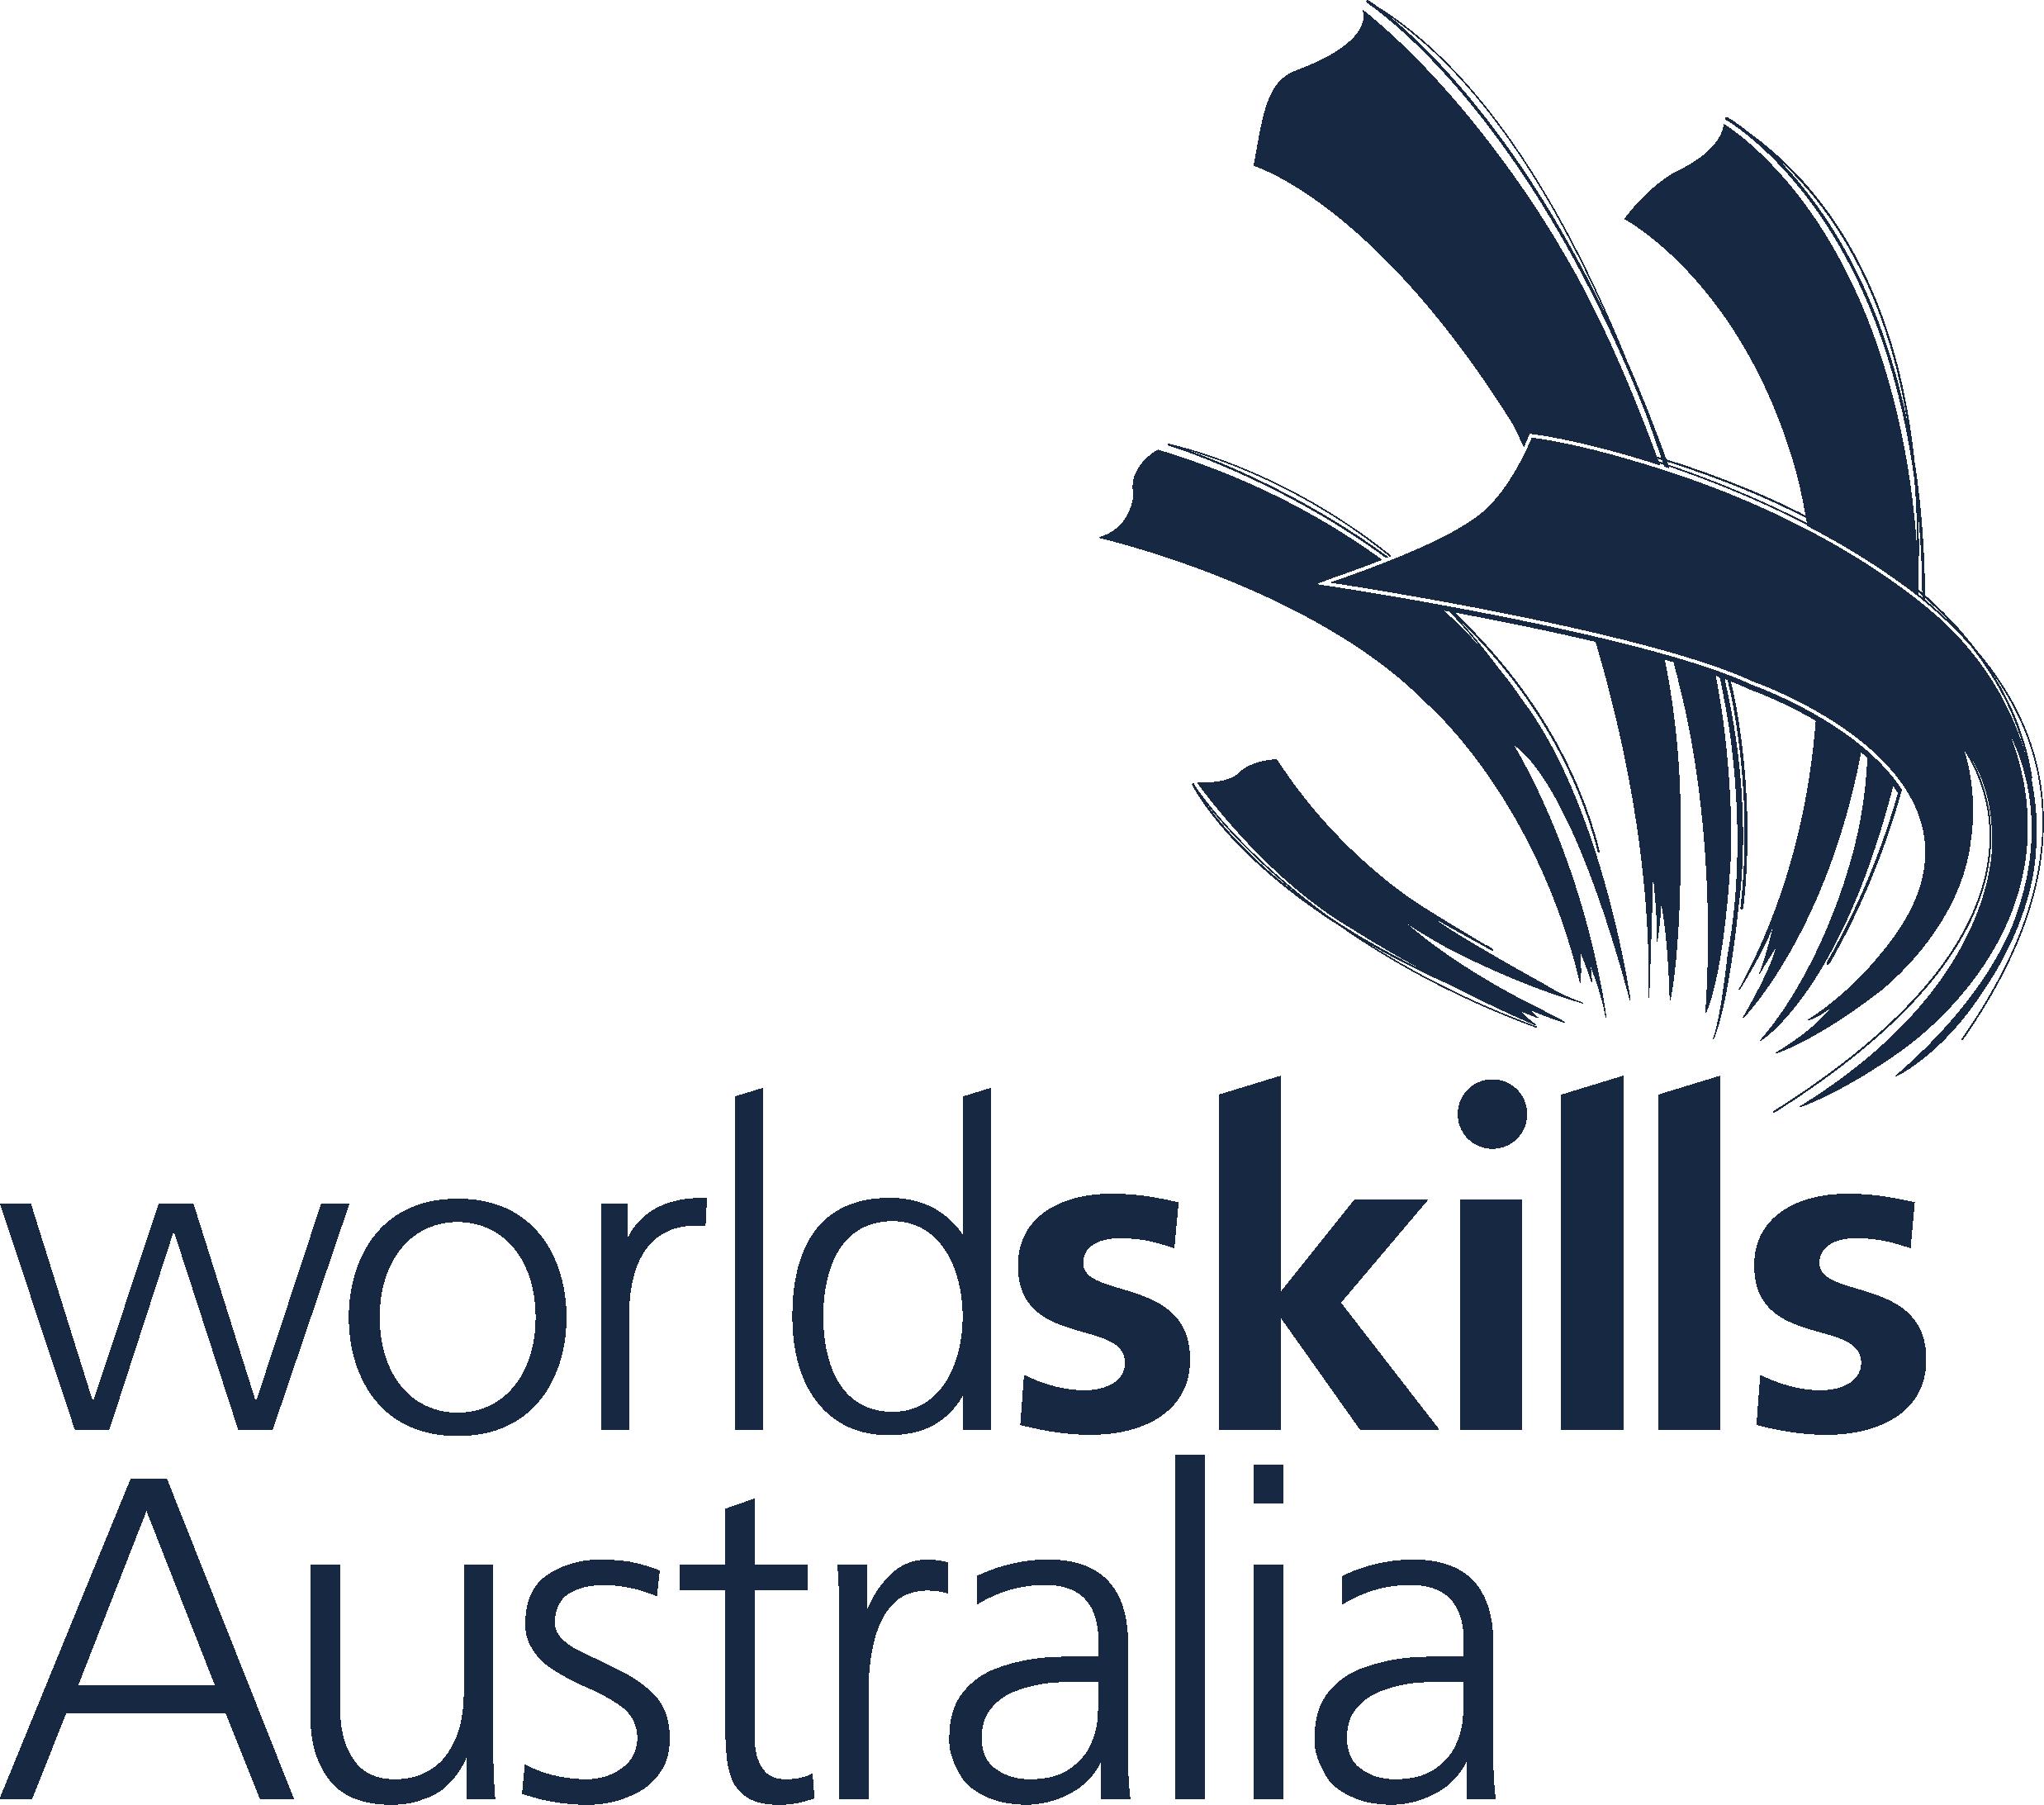 WorldSkills Australia DarkBlue CMYK